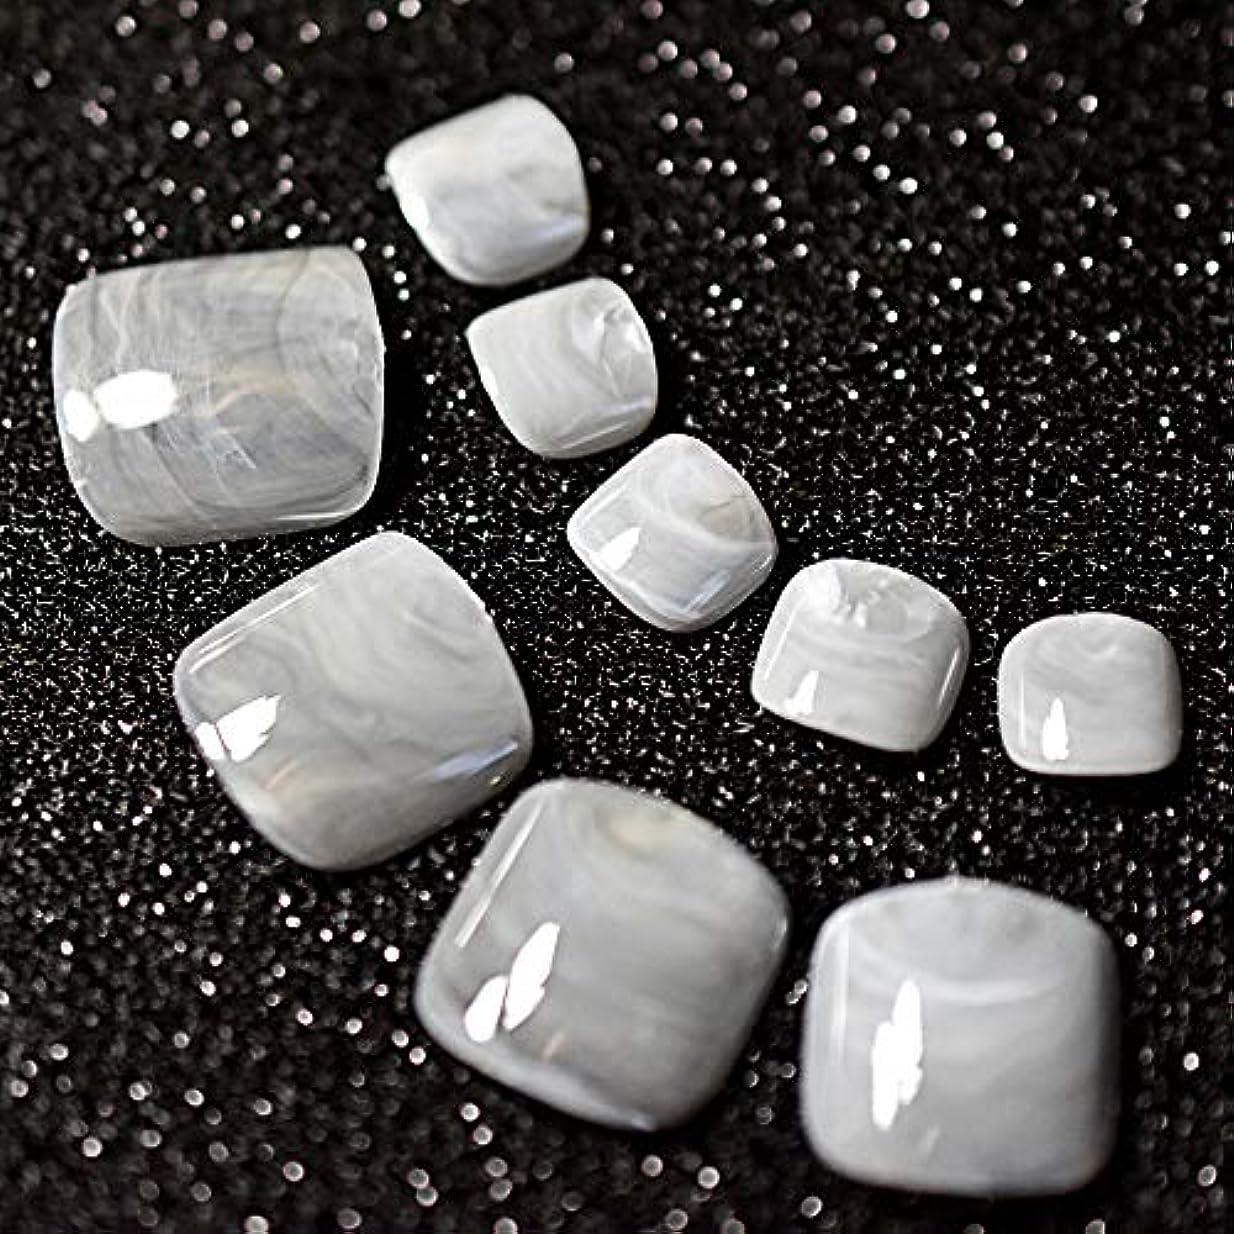 ファブリックスプーン慎重XUTXZKA 24ピースグレー大理石の足の爪偽の人工足の爪足の化粧の装飾のためのヒント